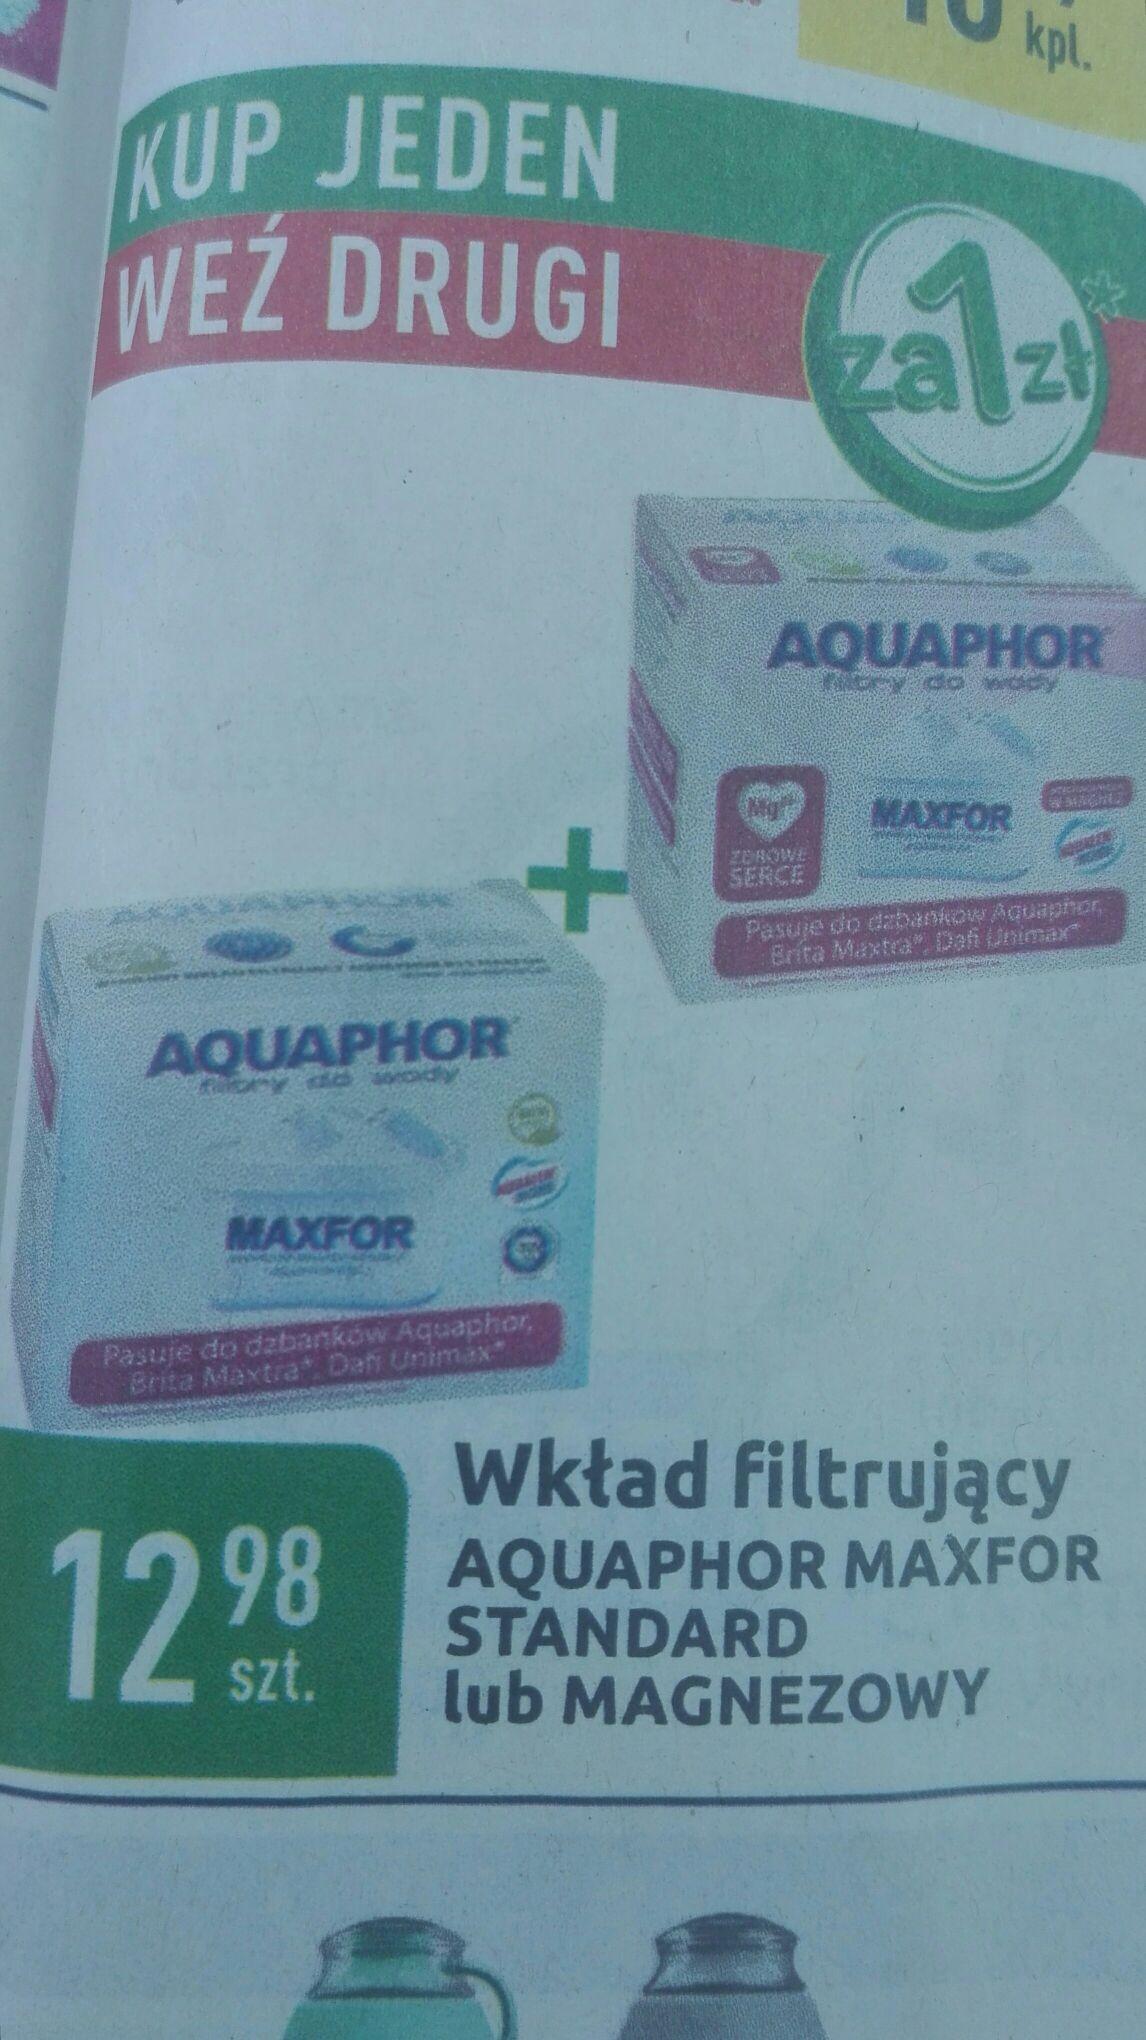 Filtr Magnezowy lub zwykły Aquaphor @ Carrefour